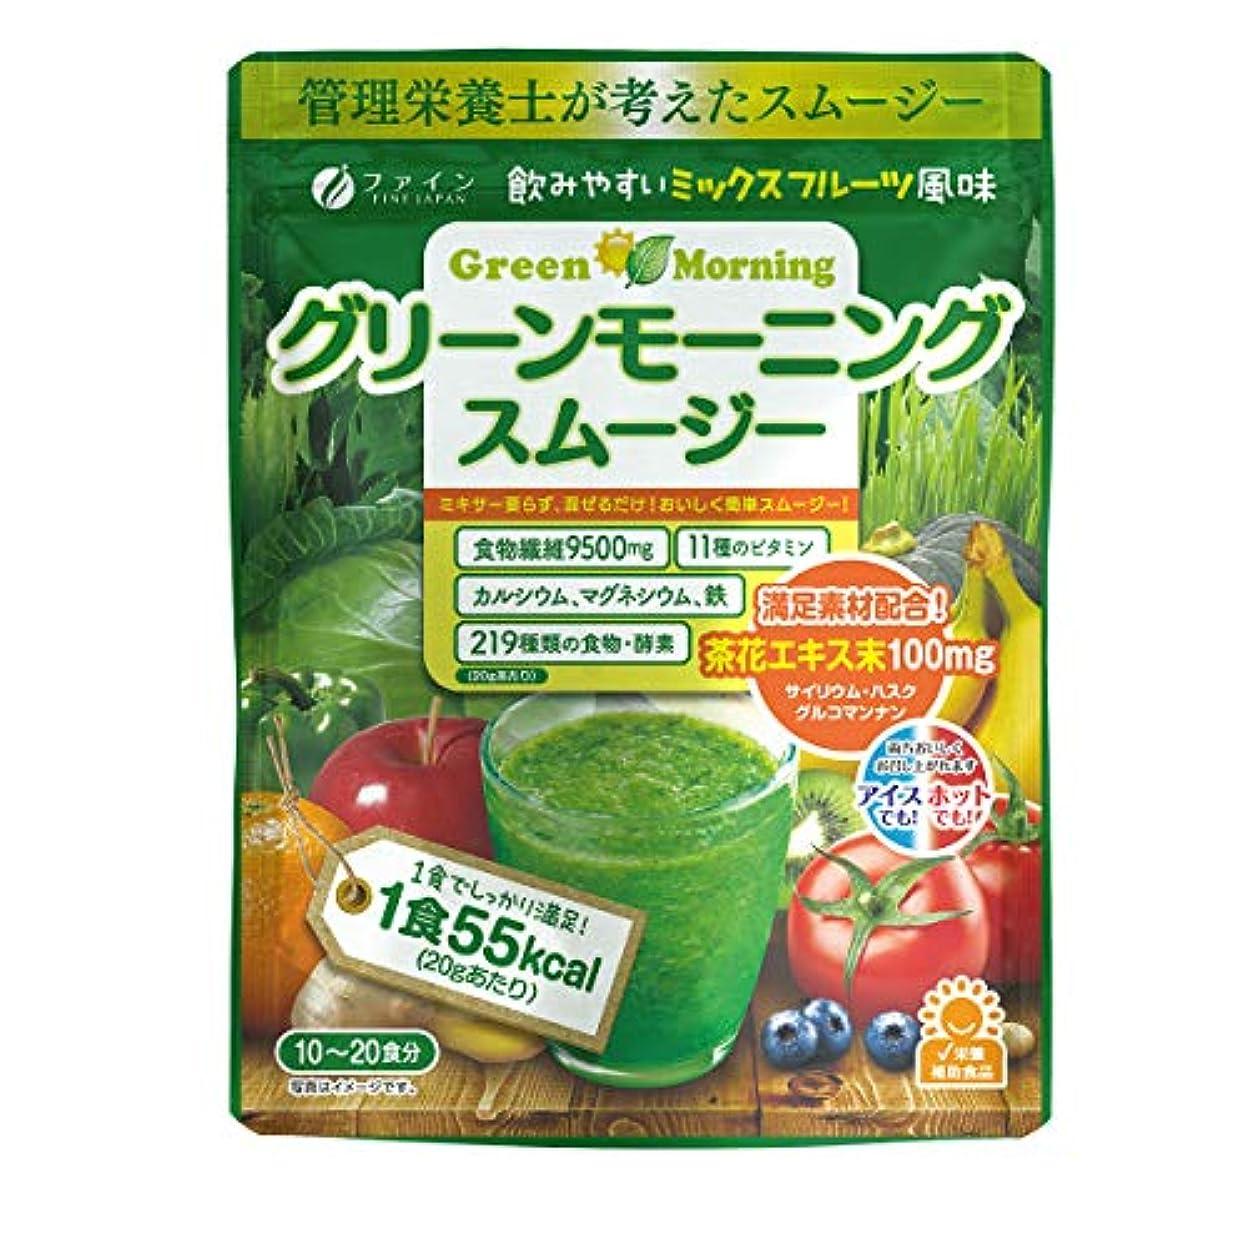 ジレンマ透けるチロファイン グリーンモーニングスムージー ミックスフルーツ風味 5食入り